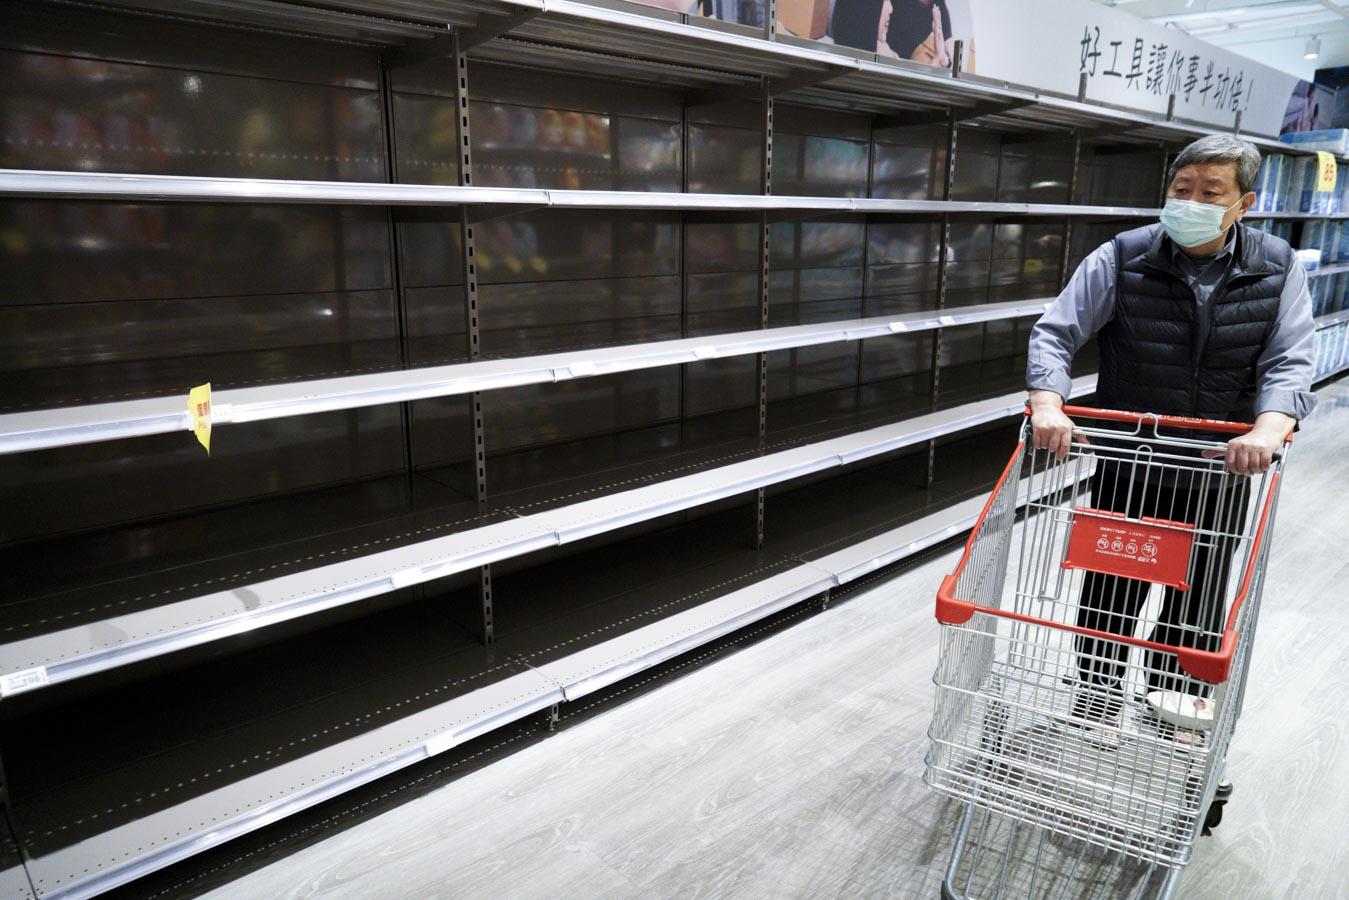 武漢肺炎疫情爆發初期,民眾在恐慌的心情下,到大賣場瘋狂搶購衛生紙、食物等民生物資。圖:張良一/攝